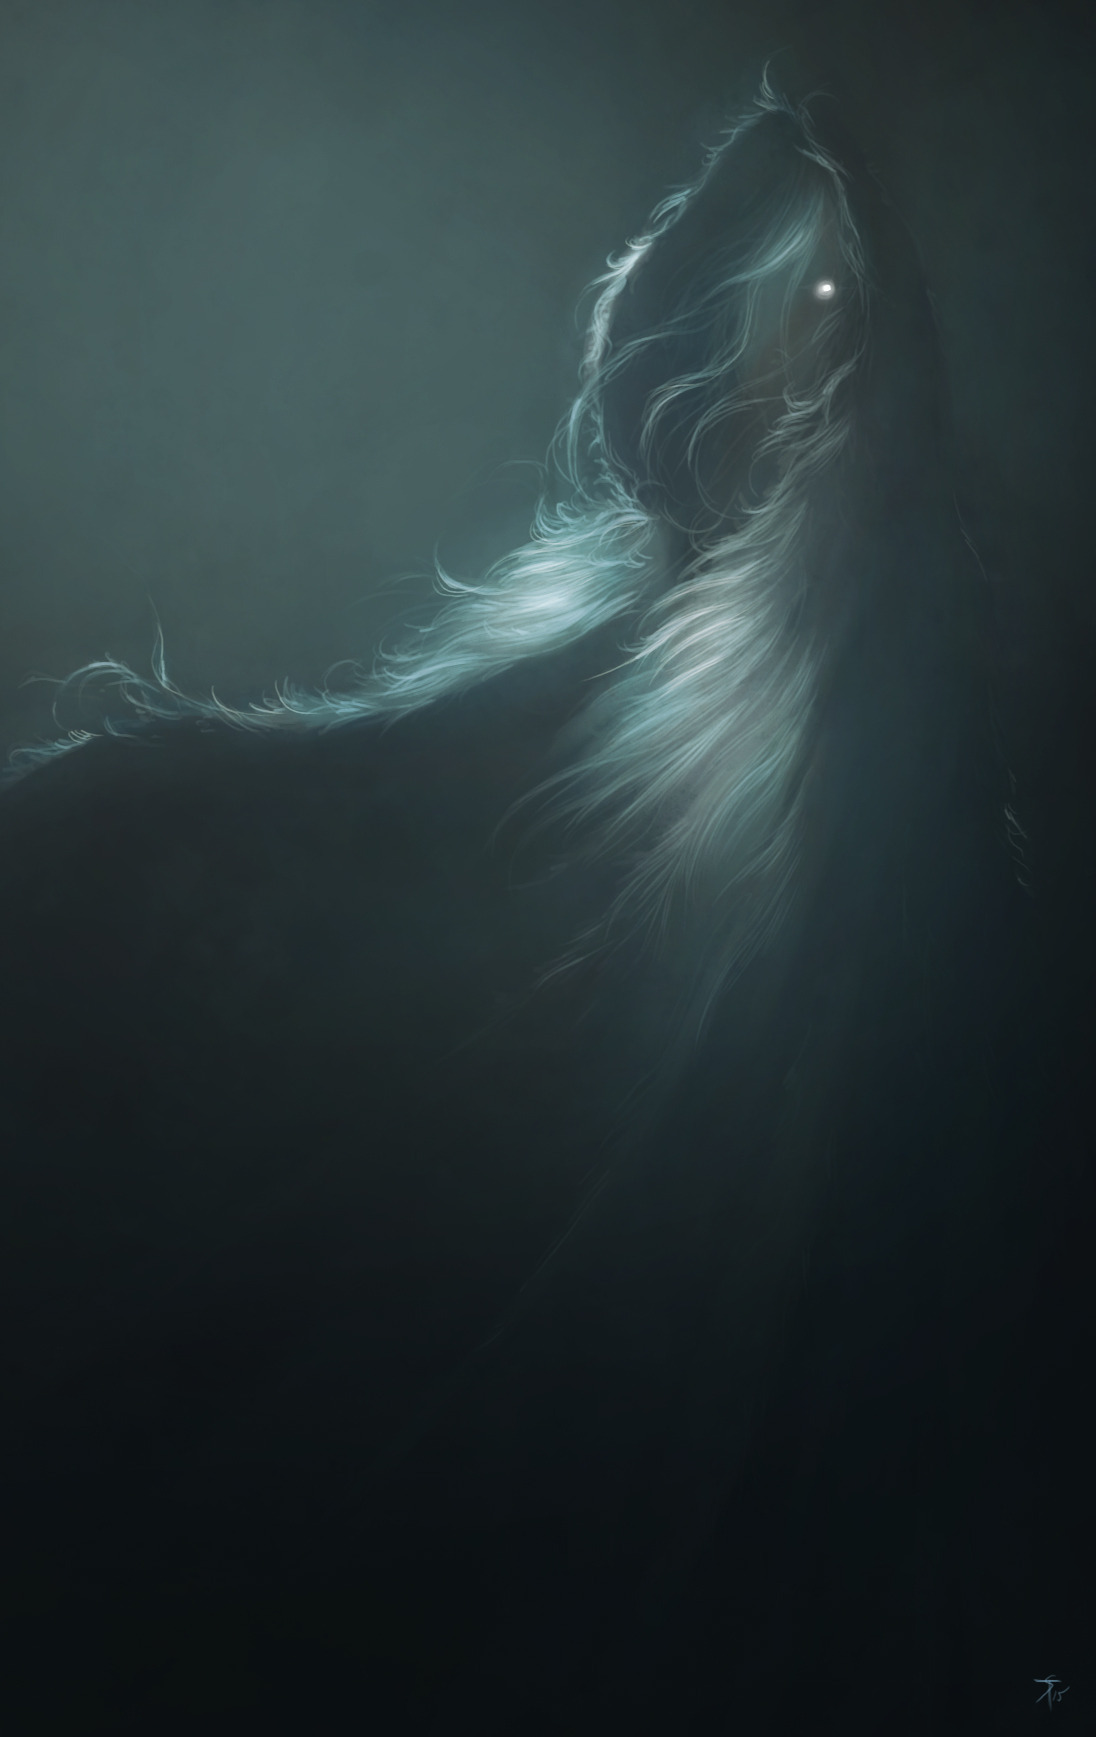 """the-murdellicious #83: """"Ghost"""" - by Tuomas Salmela themurling.tumblr.com (2015) © dell'autore tutti i diritti riservati"""